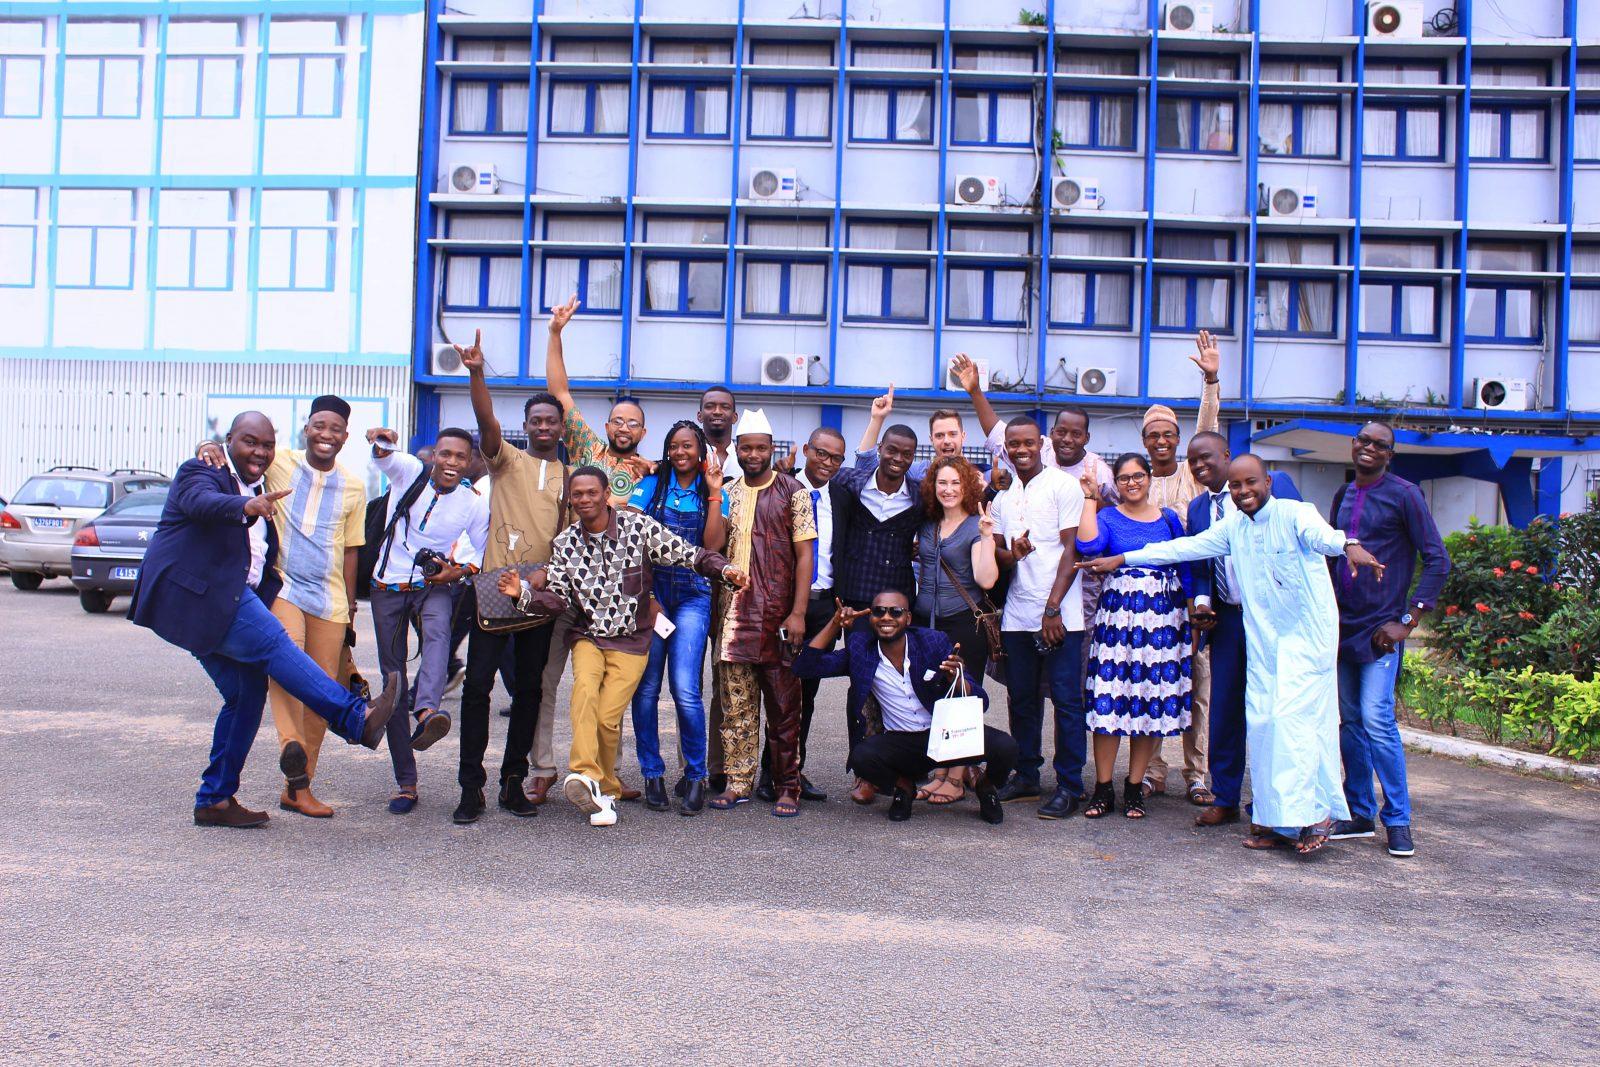 #F3535 : retour d'un voyage plein d'émotion à Abidjan